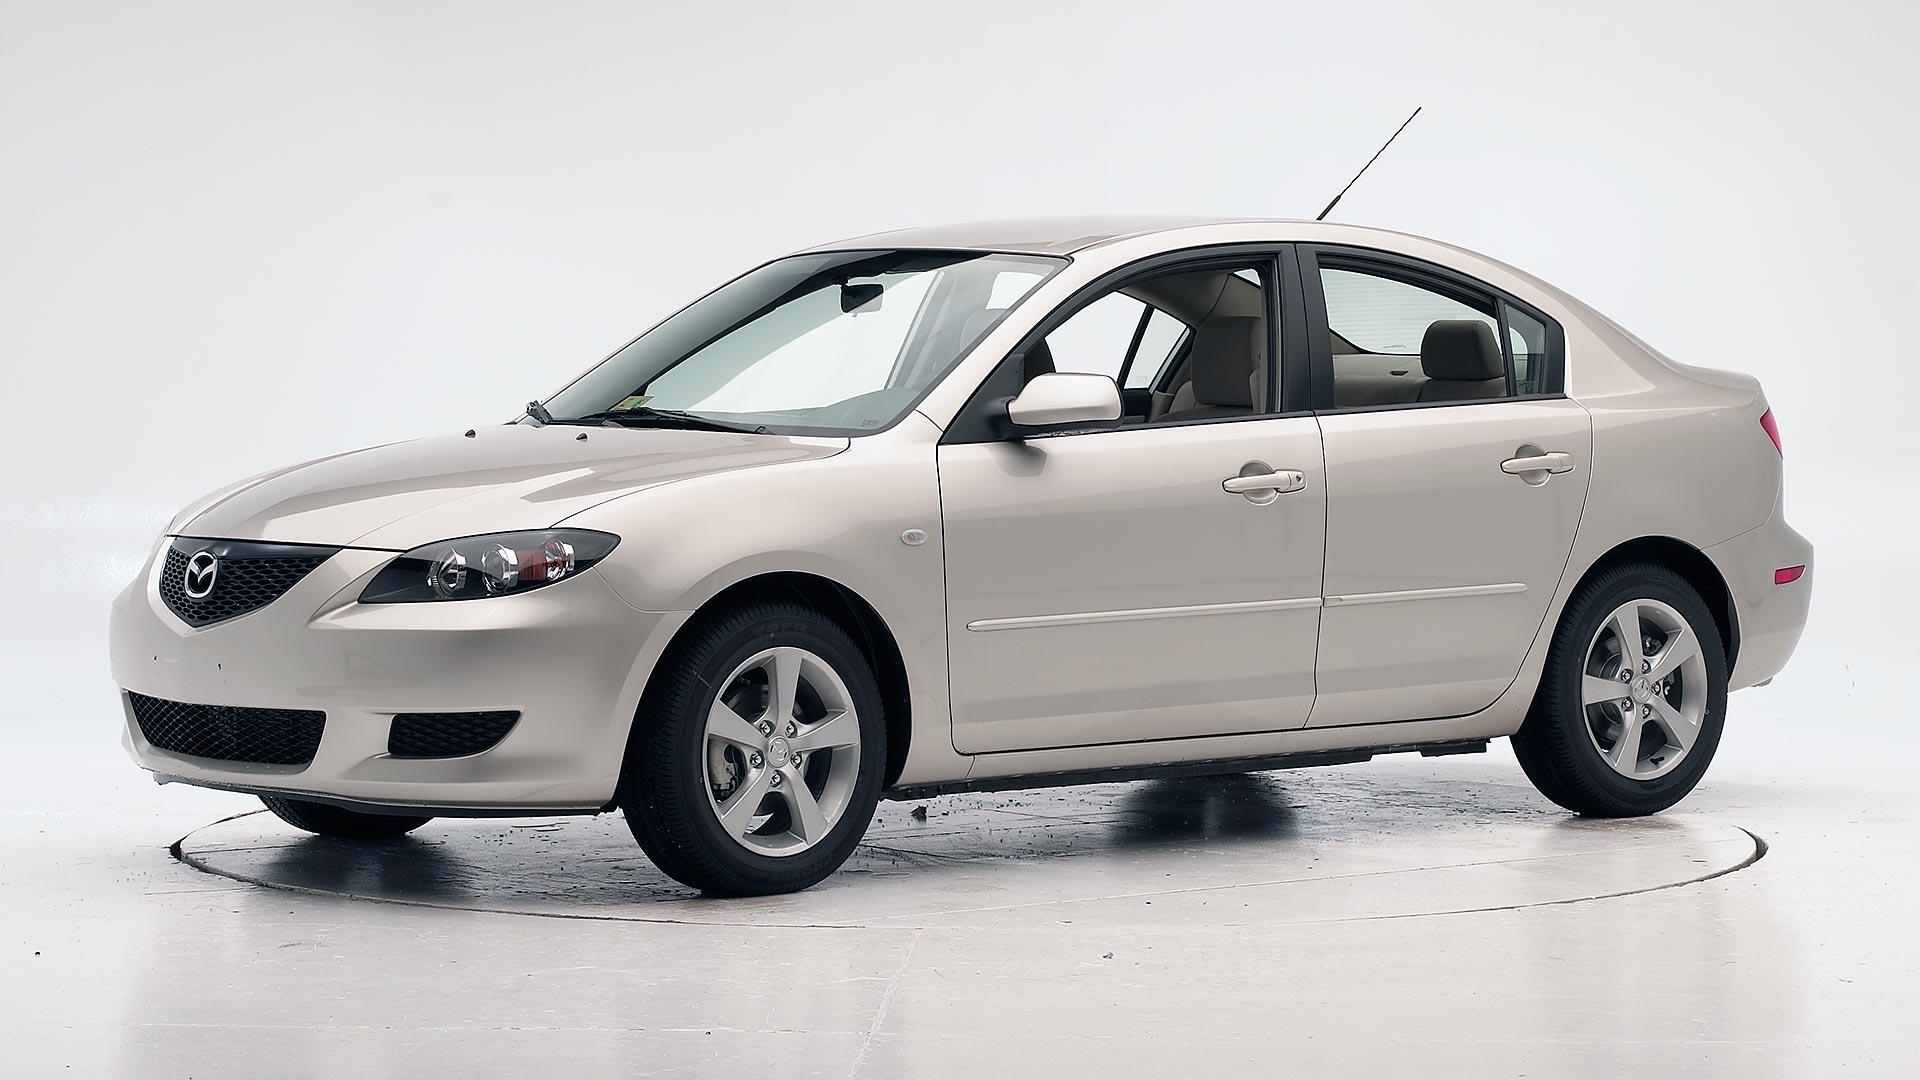 Kelebihan Mazda 2005 Perbandingan Harga